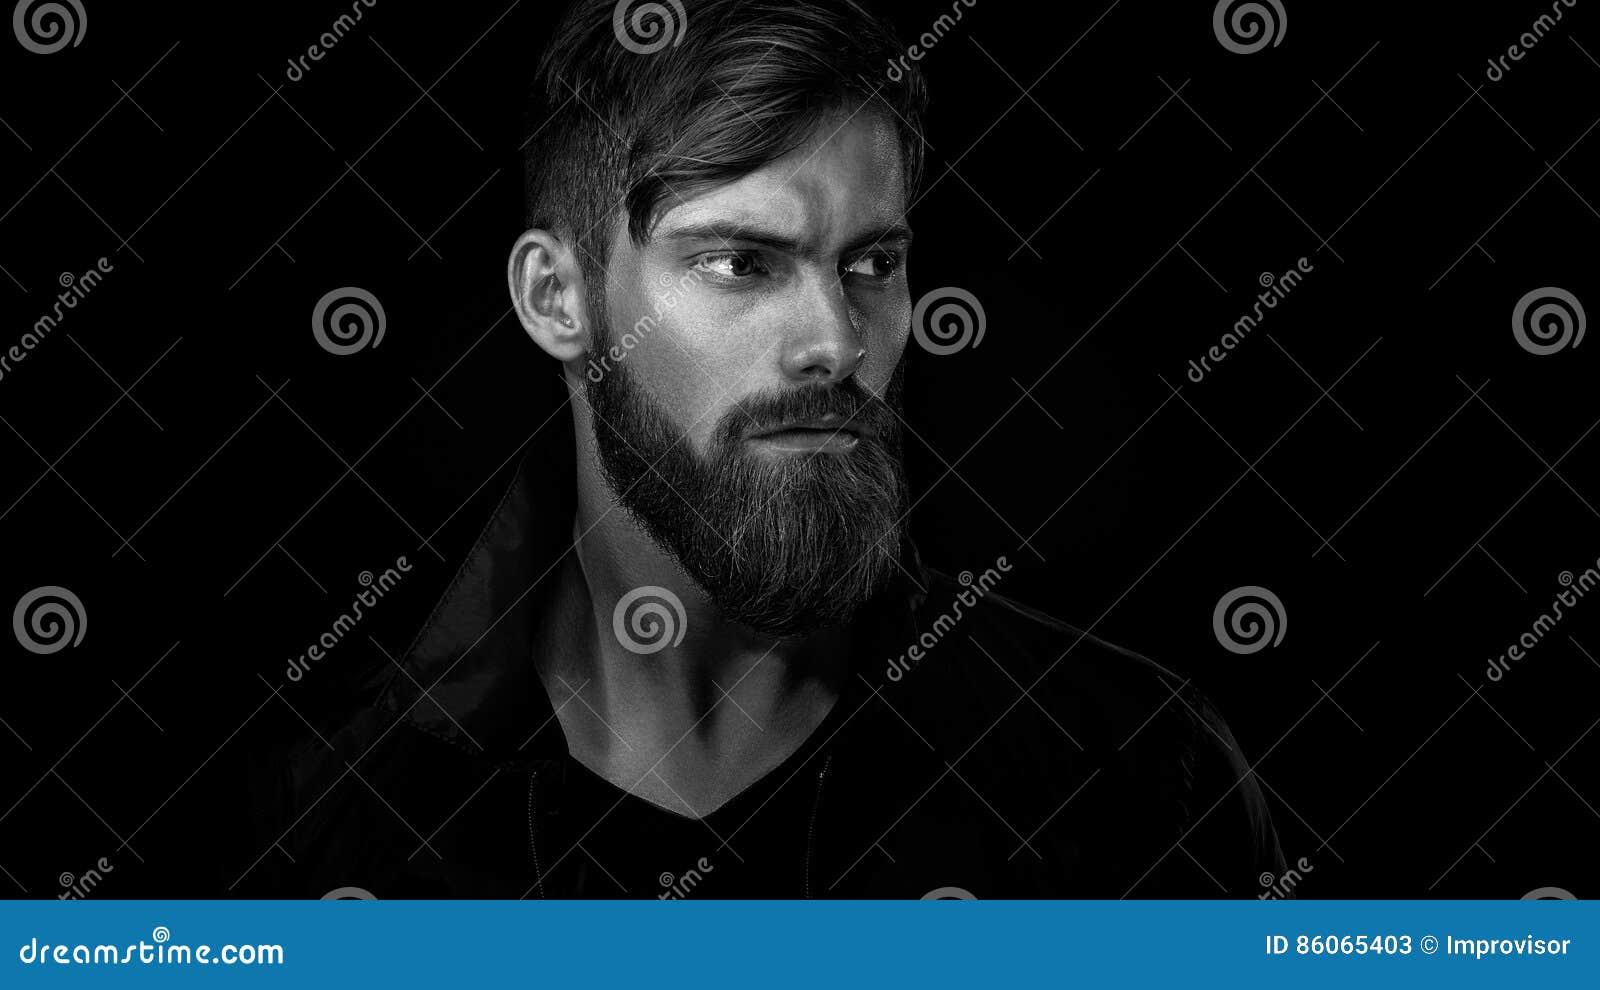 Czarny i biały portret brodaty przystojny mężczyzna w zadumanym mo